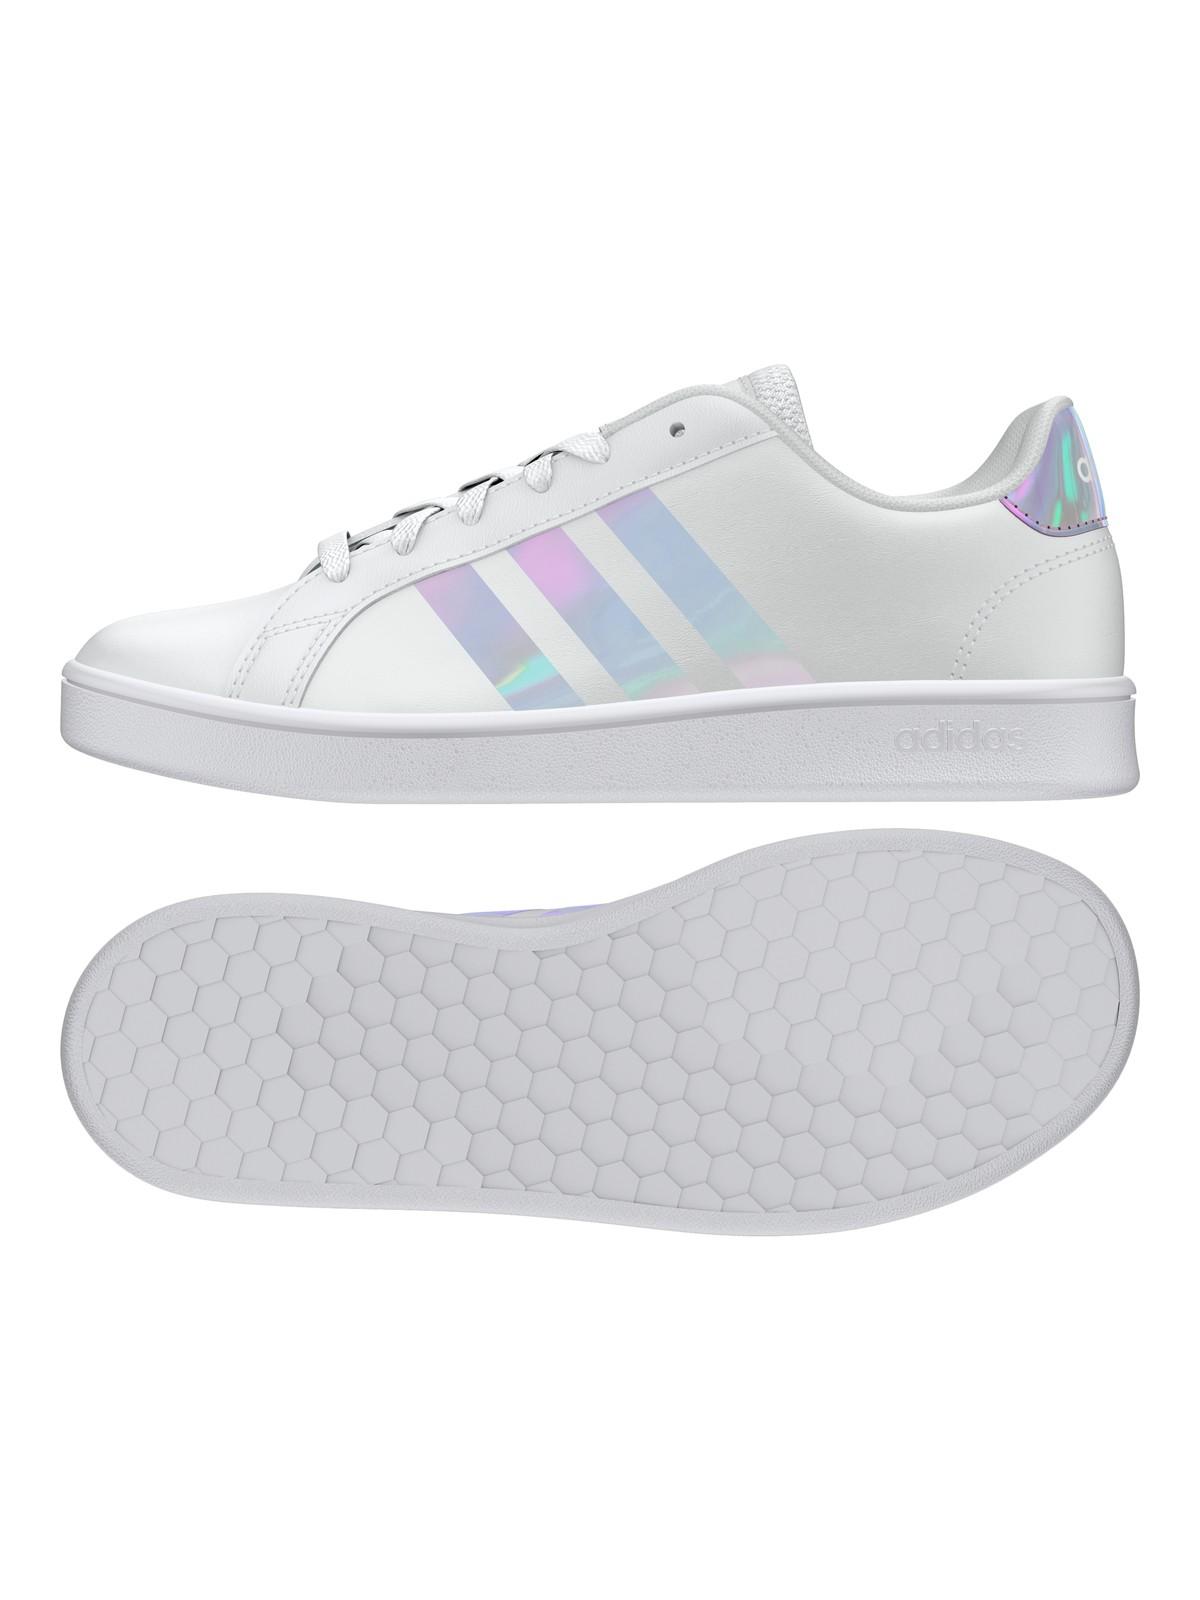 Tennis adidas femme blanches (36-39) - DistriCenter